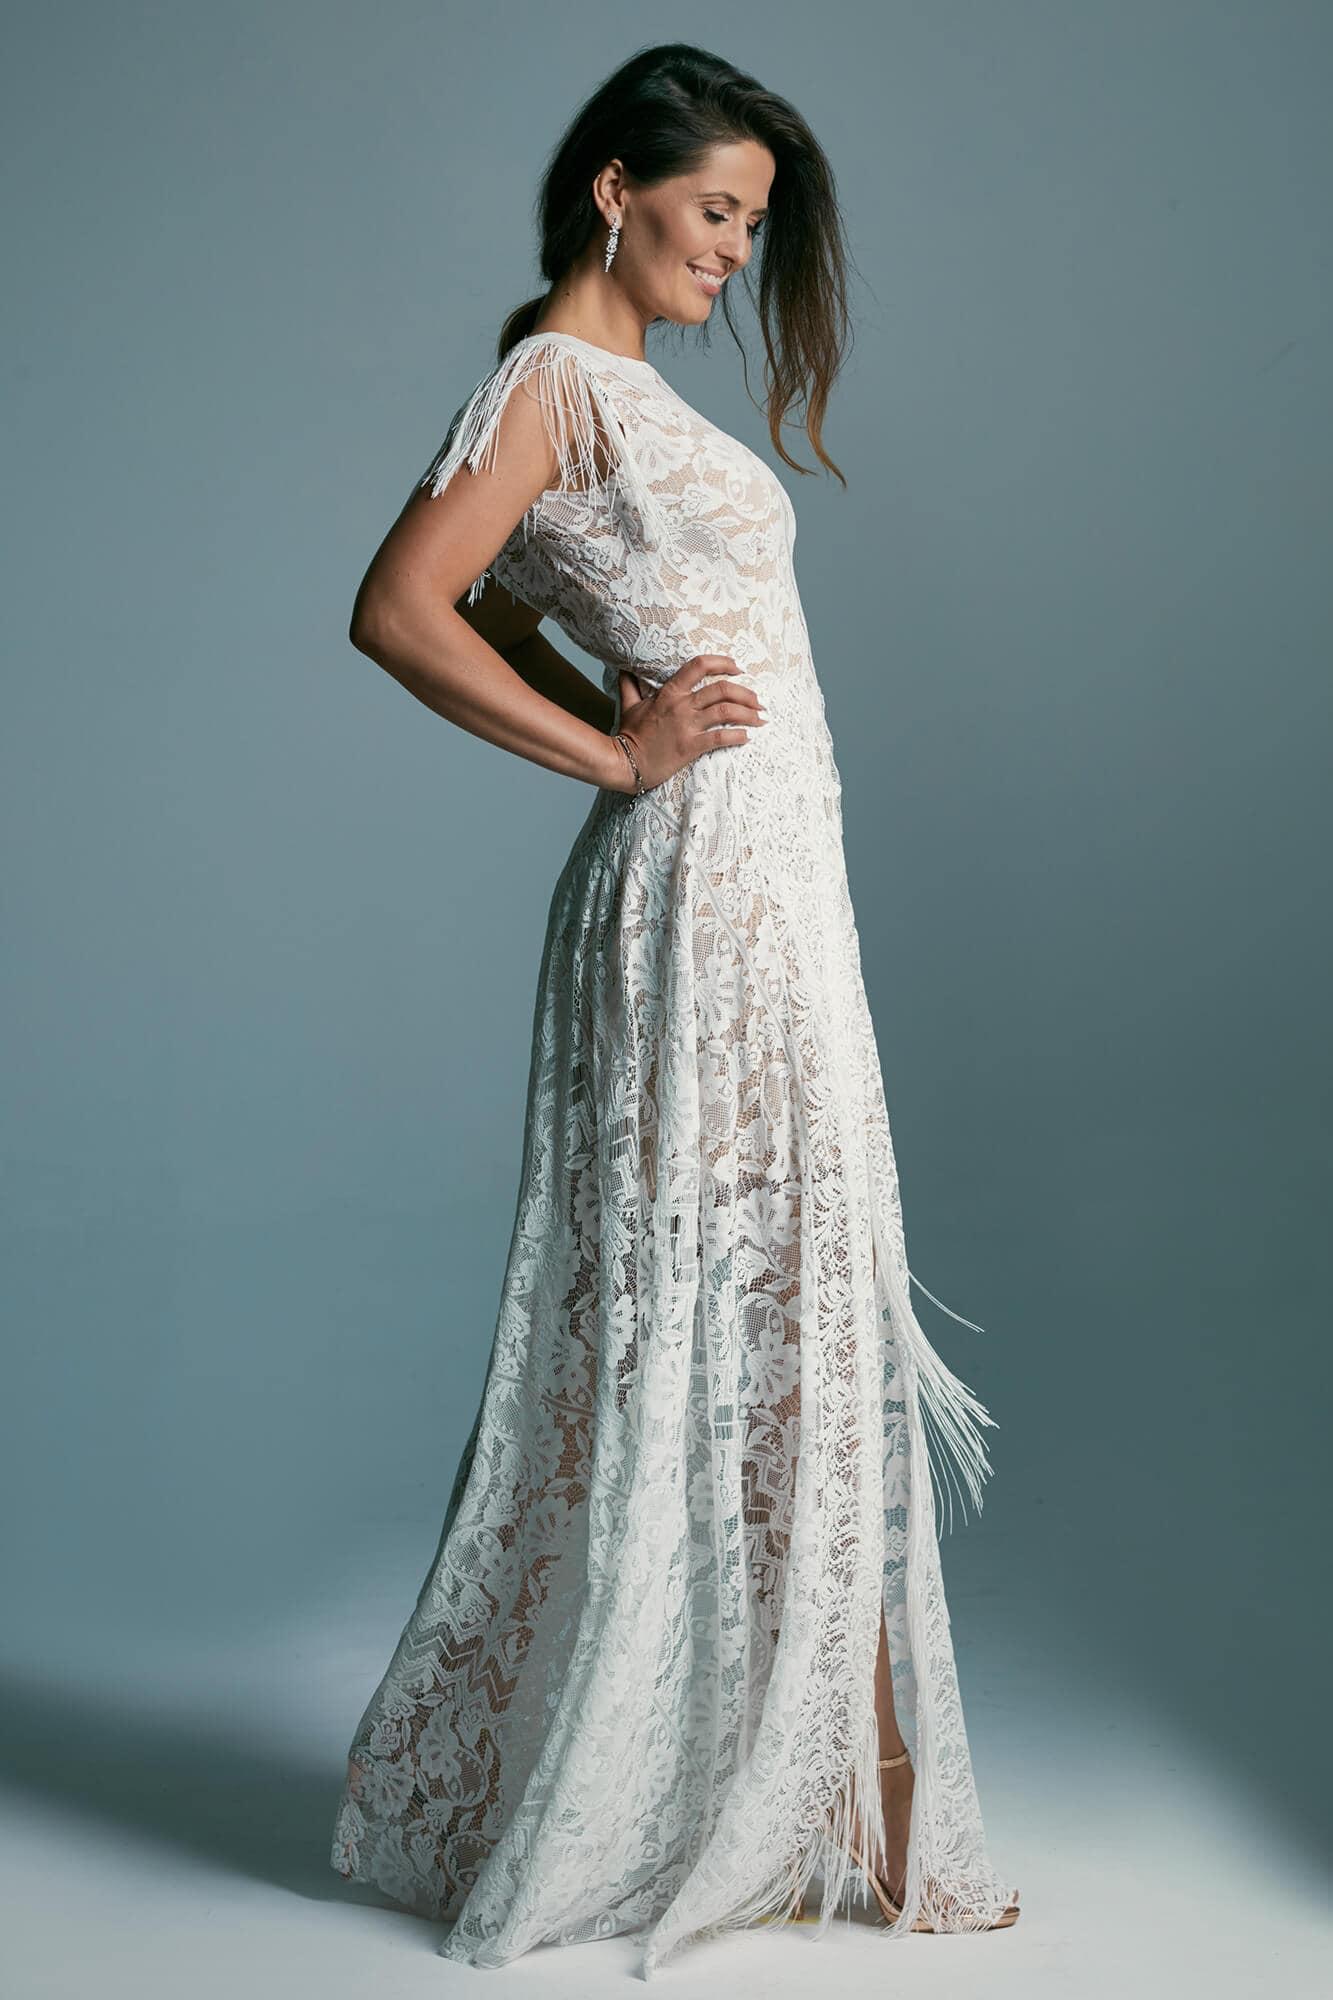 Impressive wedding dress extending the silhouette with a high neckline Porto 53